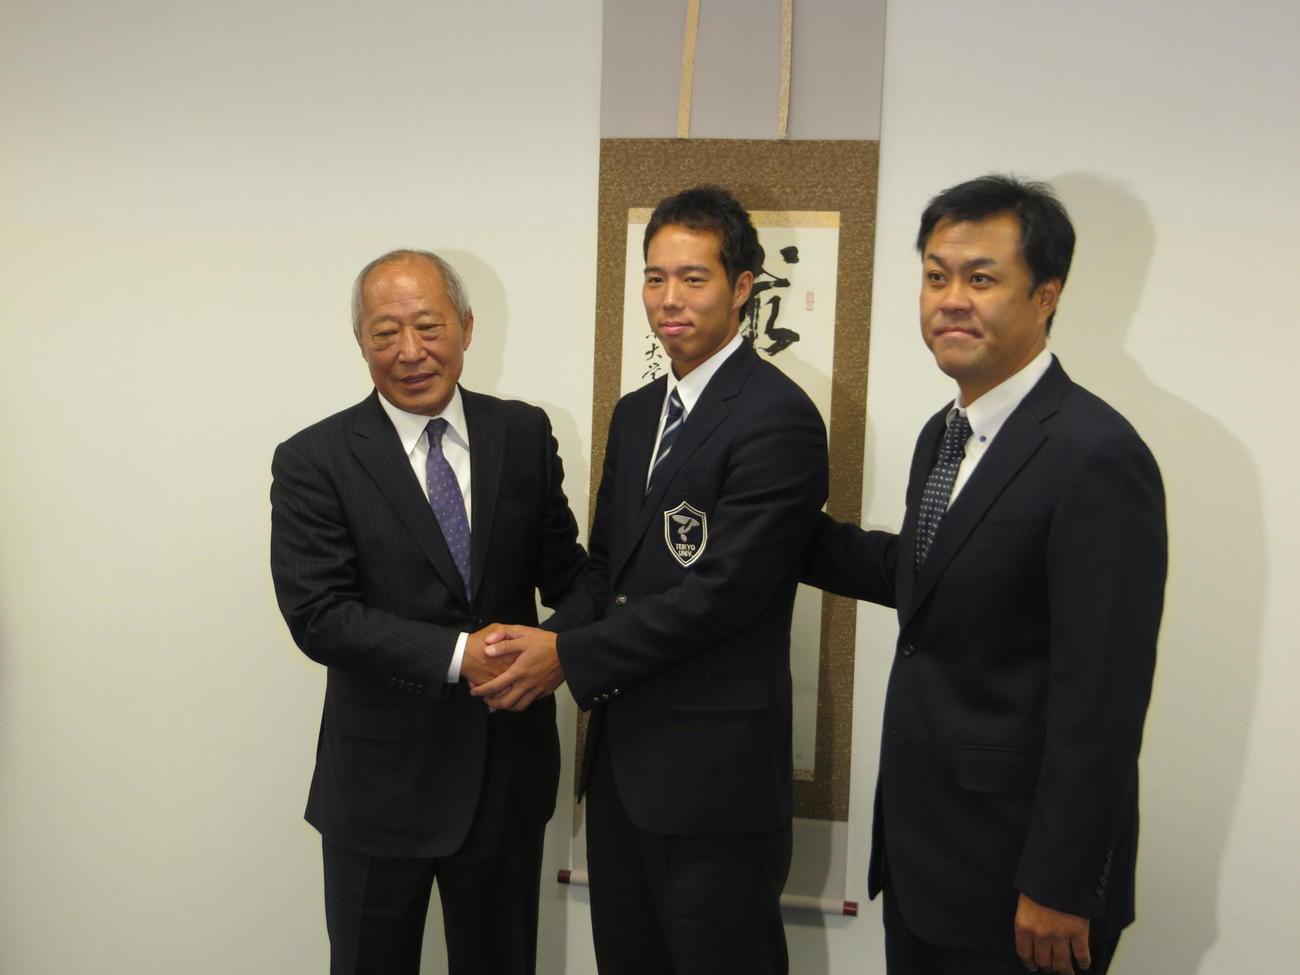 阪神から指名あいさつを受け、佐野統括スカウト(当時、左)と握手をするドラフト5位の青柳。右は平塚スカウト(2015年10月25日)